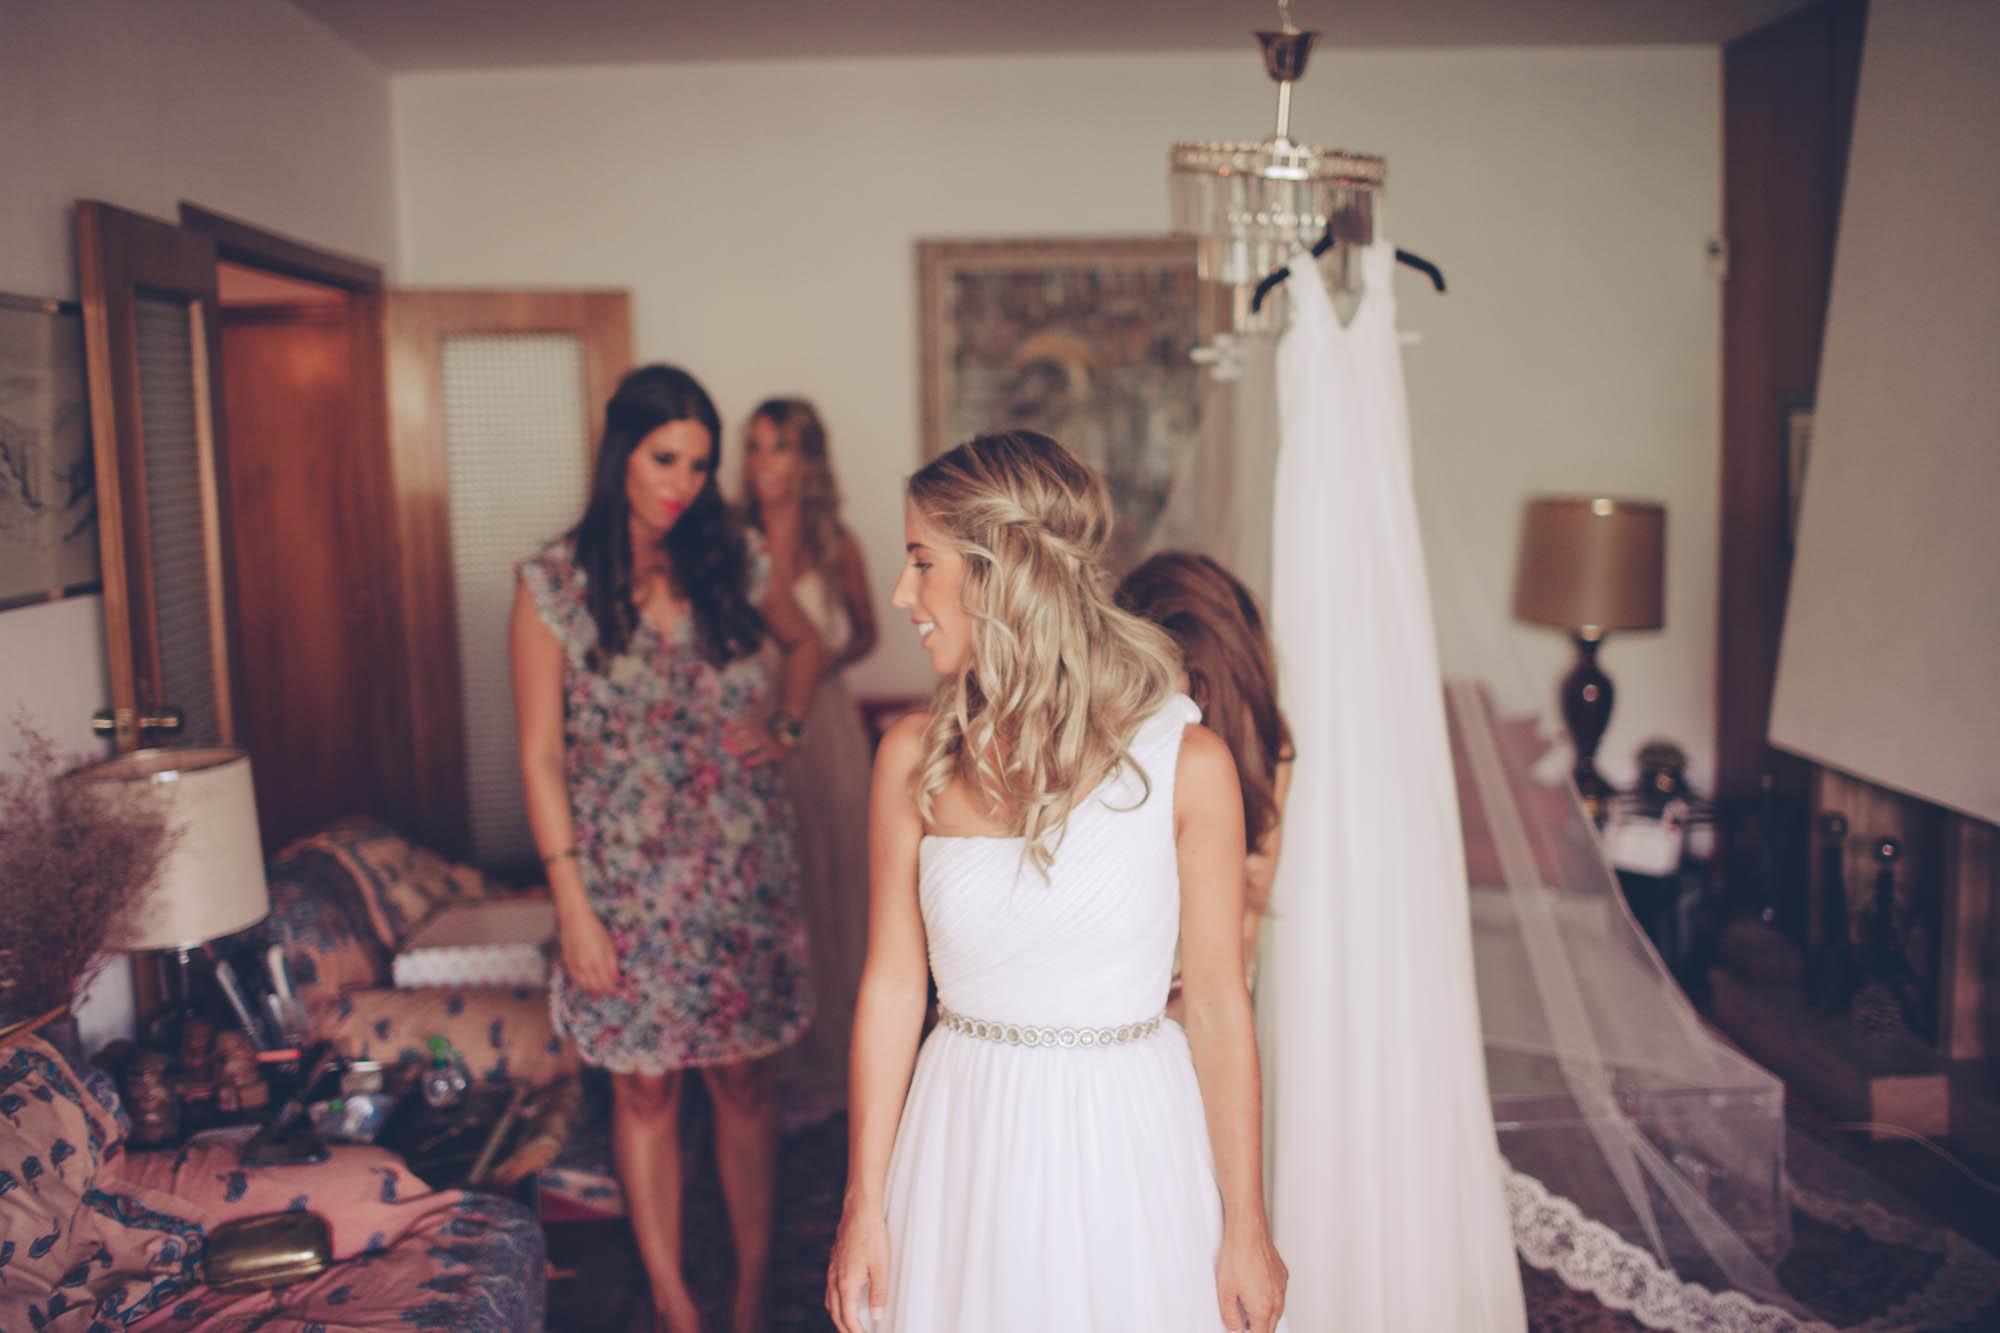 La novia se viste junto a sus amigas